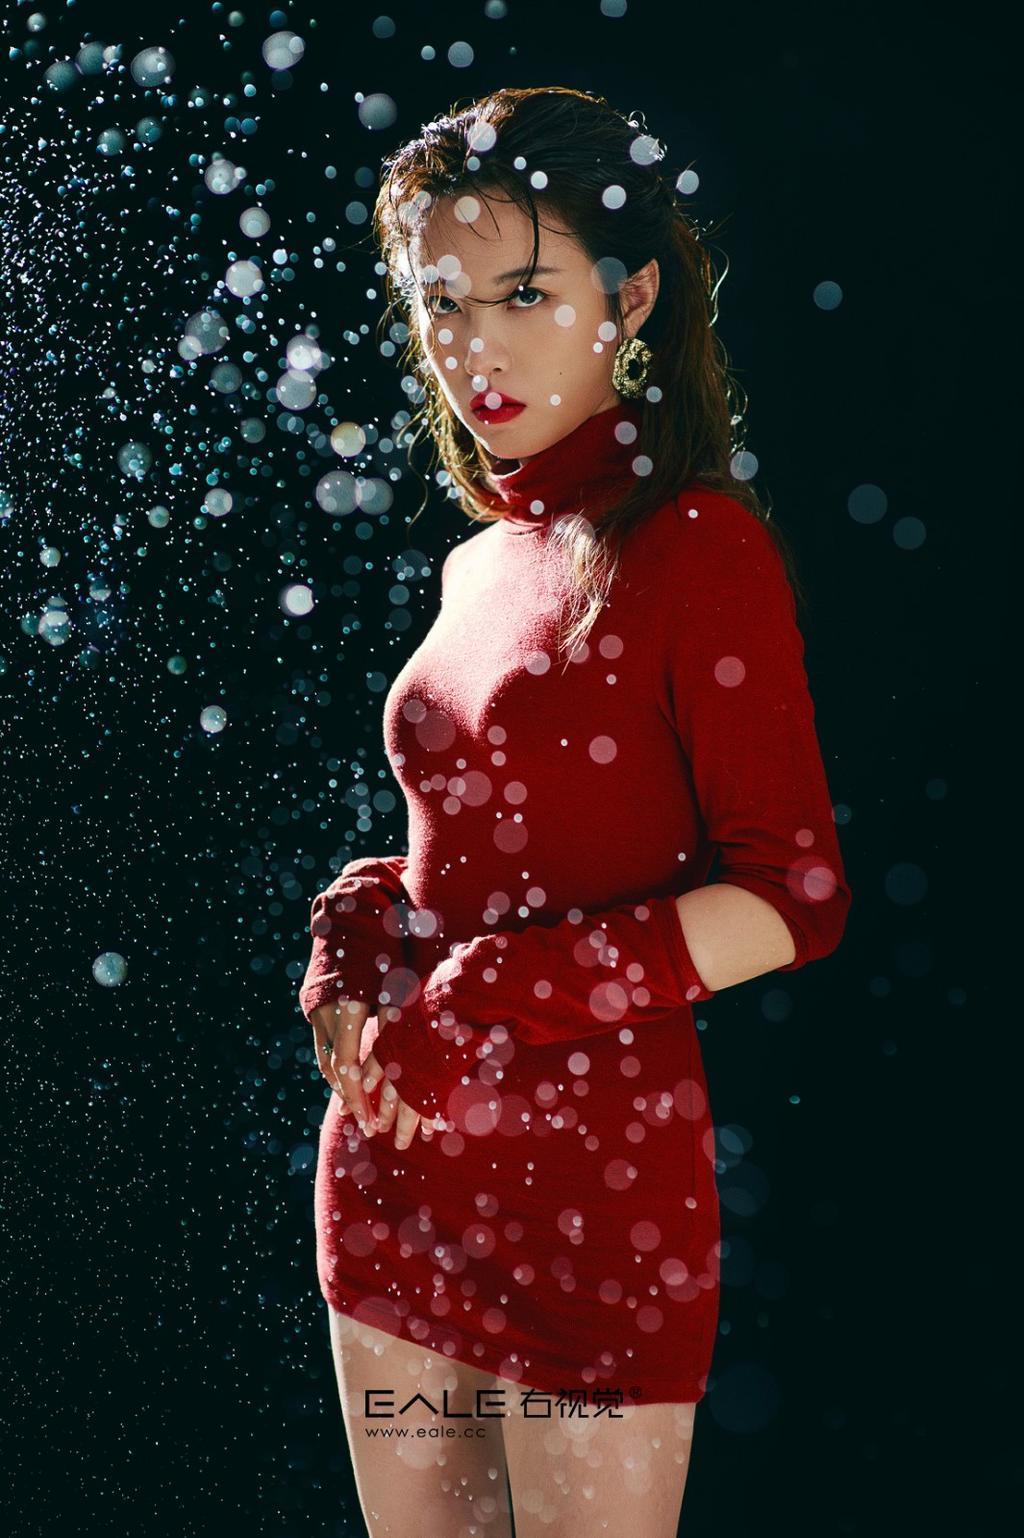 创意人像摄影大片雨中玫瑰无爱无伤